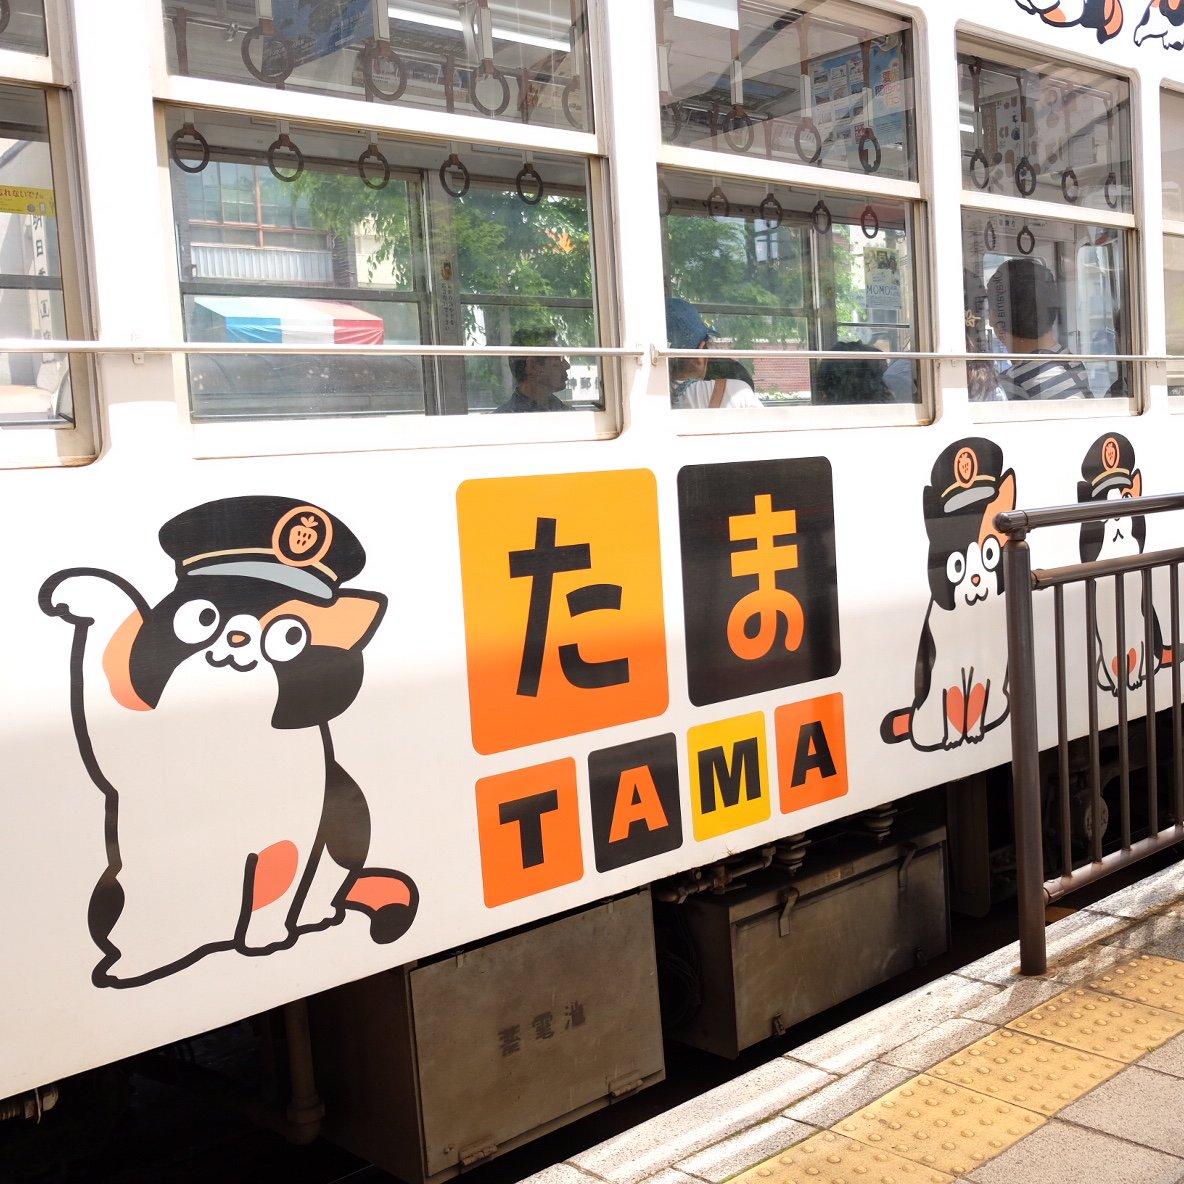 test ツイッターメディア - 無事帰ってますー。ライブ楽しかったー。ちなみに今日乗った乗り物、岡山の路面電車→JRマリンライナー→高松のことでん→高松空港リムジンバス→JAL飛行機→東京モノレール→山手線→中央線、よく乗ったなあ。写真は岡山の路面電車。 https://t.co/0DOo4nRYeF